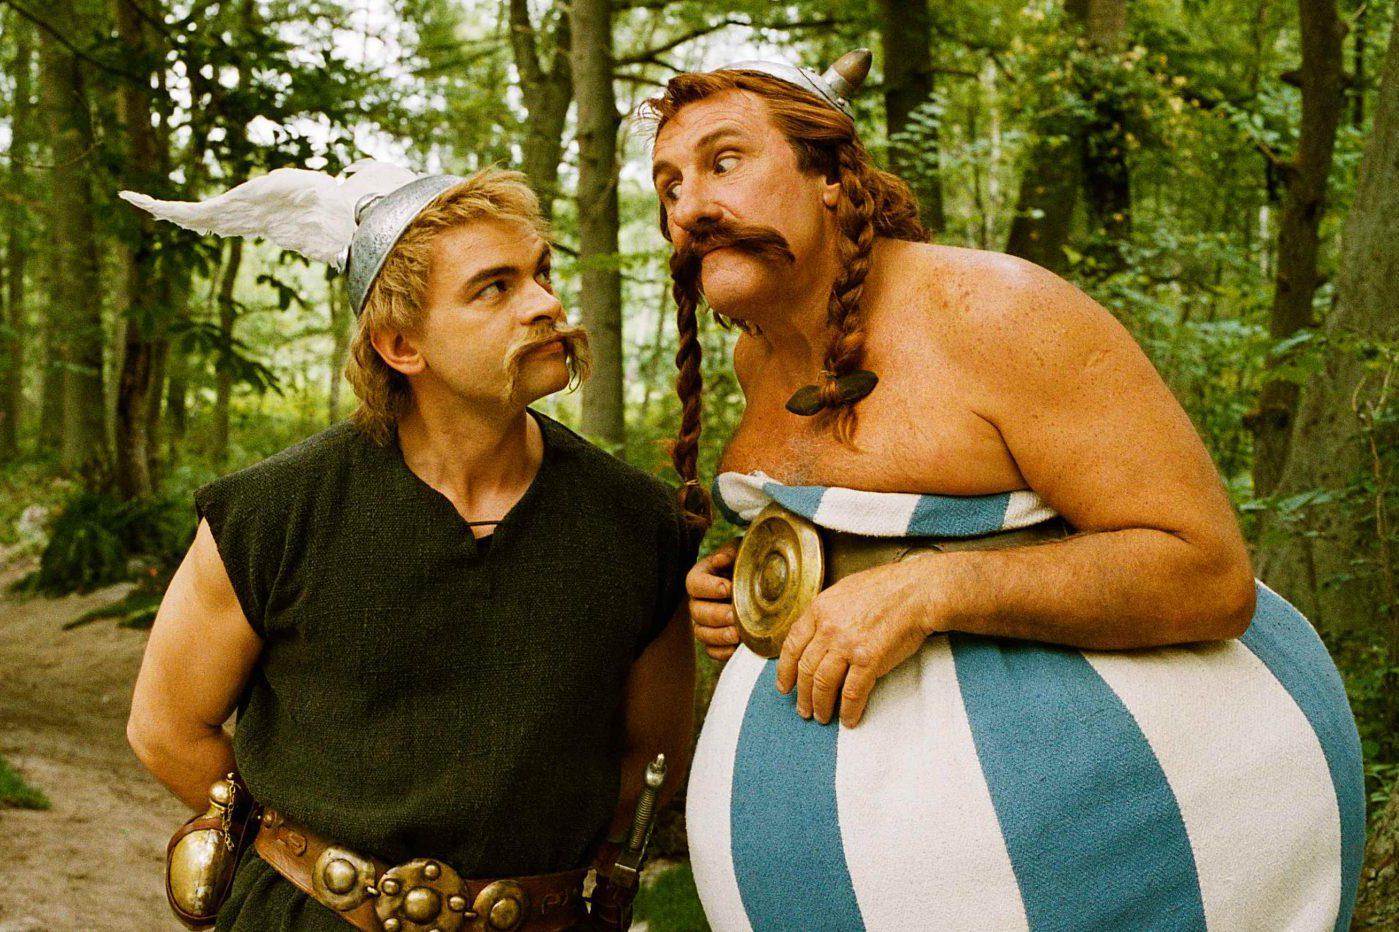 Astérix et Obélix, le prochain film serait très ambitieux